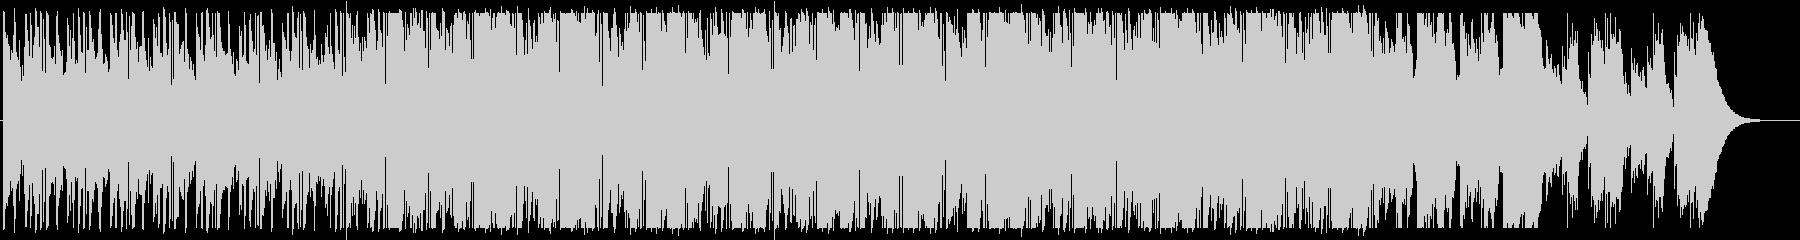 エレクトロニカ/不思議/ノスタルジックの未再生の波形